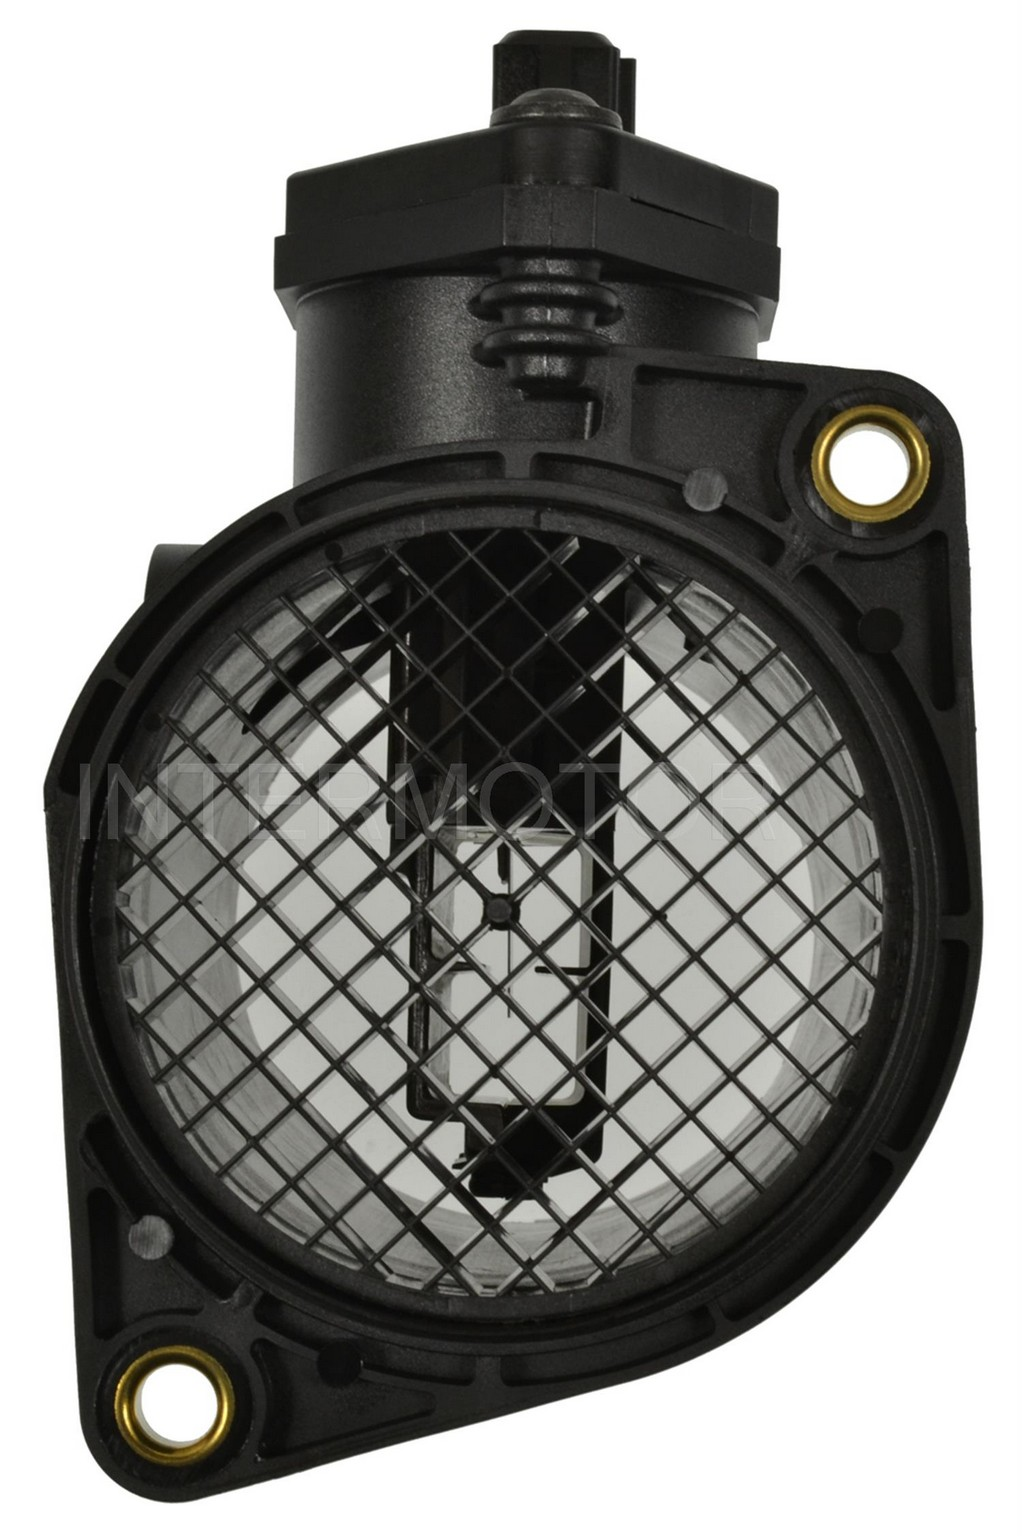 BECKARNLEY 158-1546 Air Mass Sensor